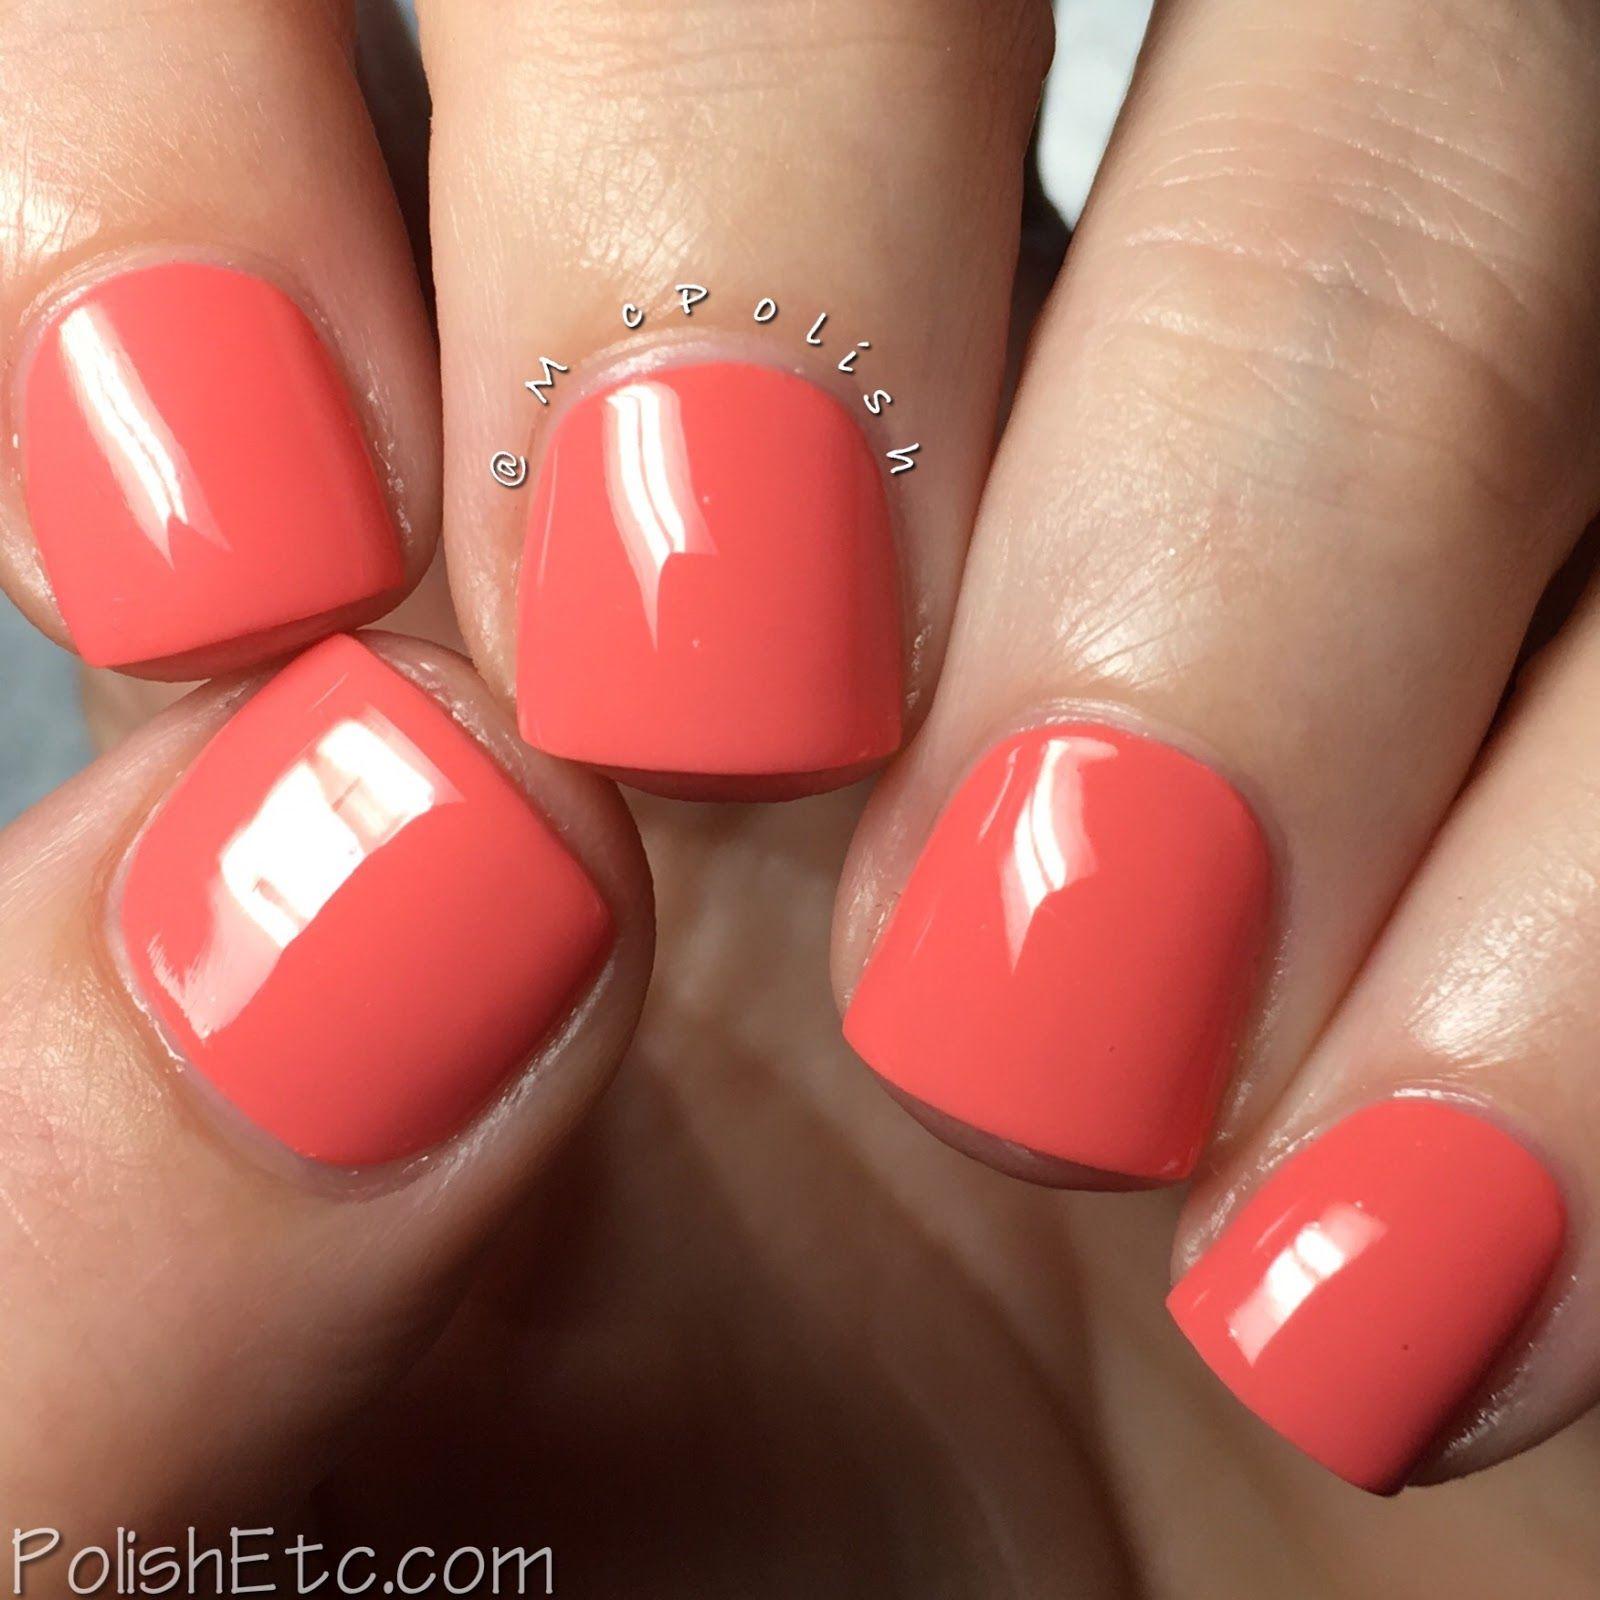 Kiara Sky Nail Lacquer - McPolish - Romantic Coral | my nails ...